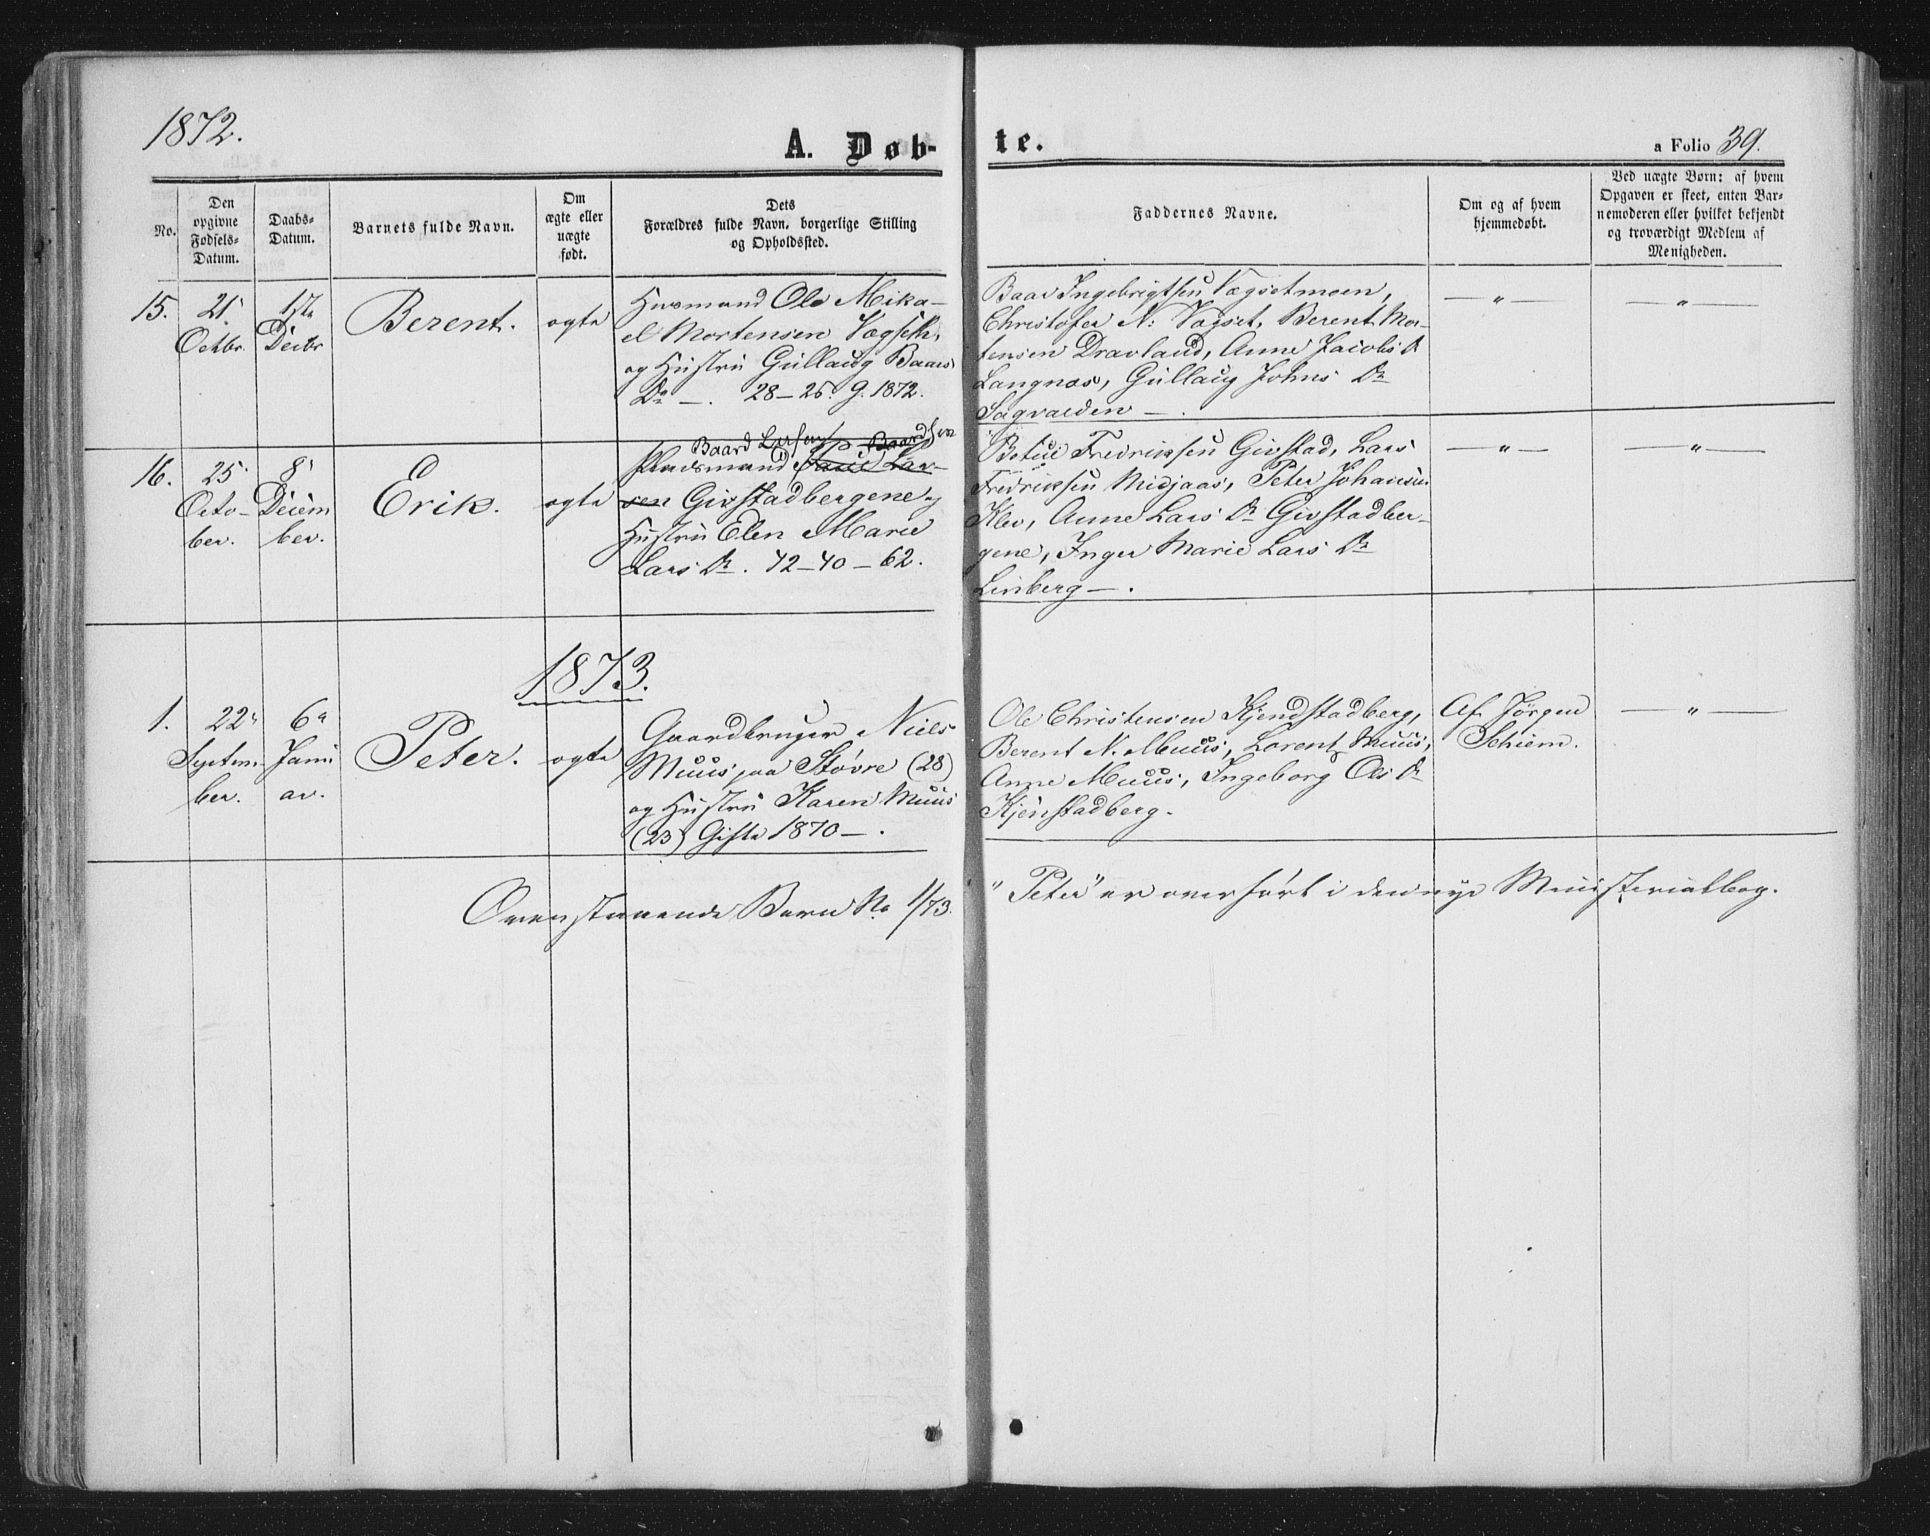 SAT, Ministerialprotokoller, klokkerbøker og fødselsregistre - Nord-Trøndelag, 749/L0472: Ministerialbok nr. 749A06, 1857-1873, s. 39